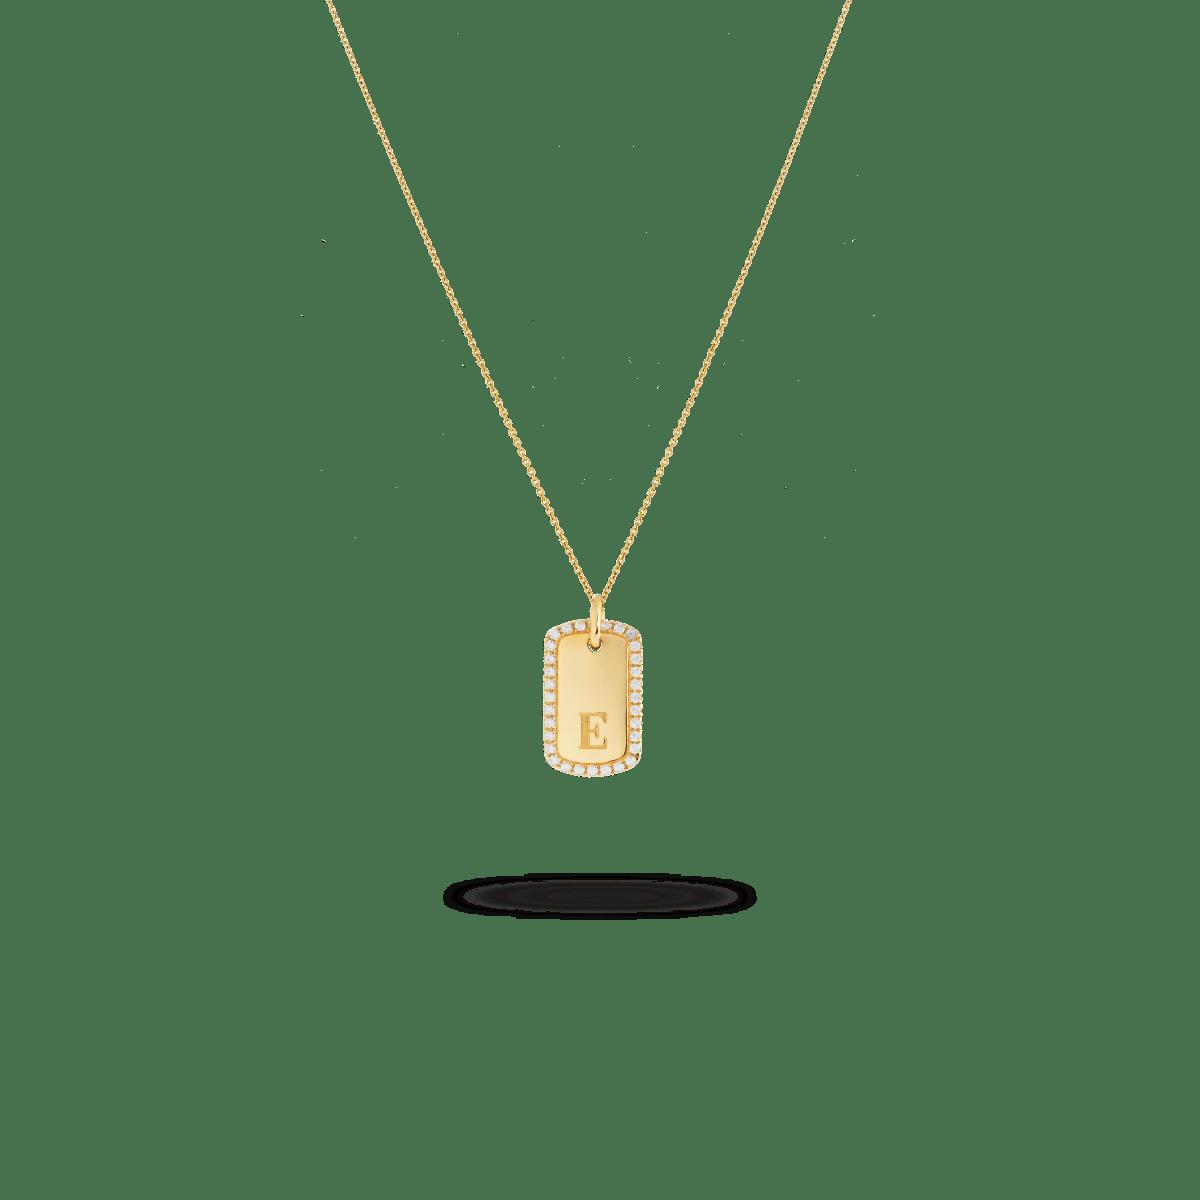 sylvie tag necklace goud